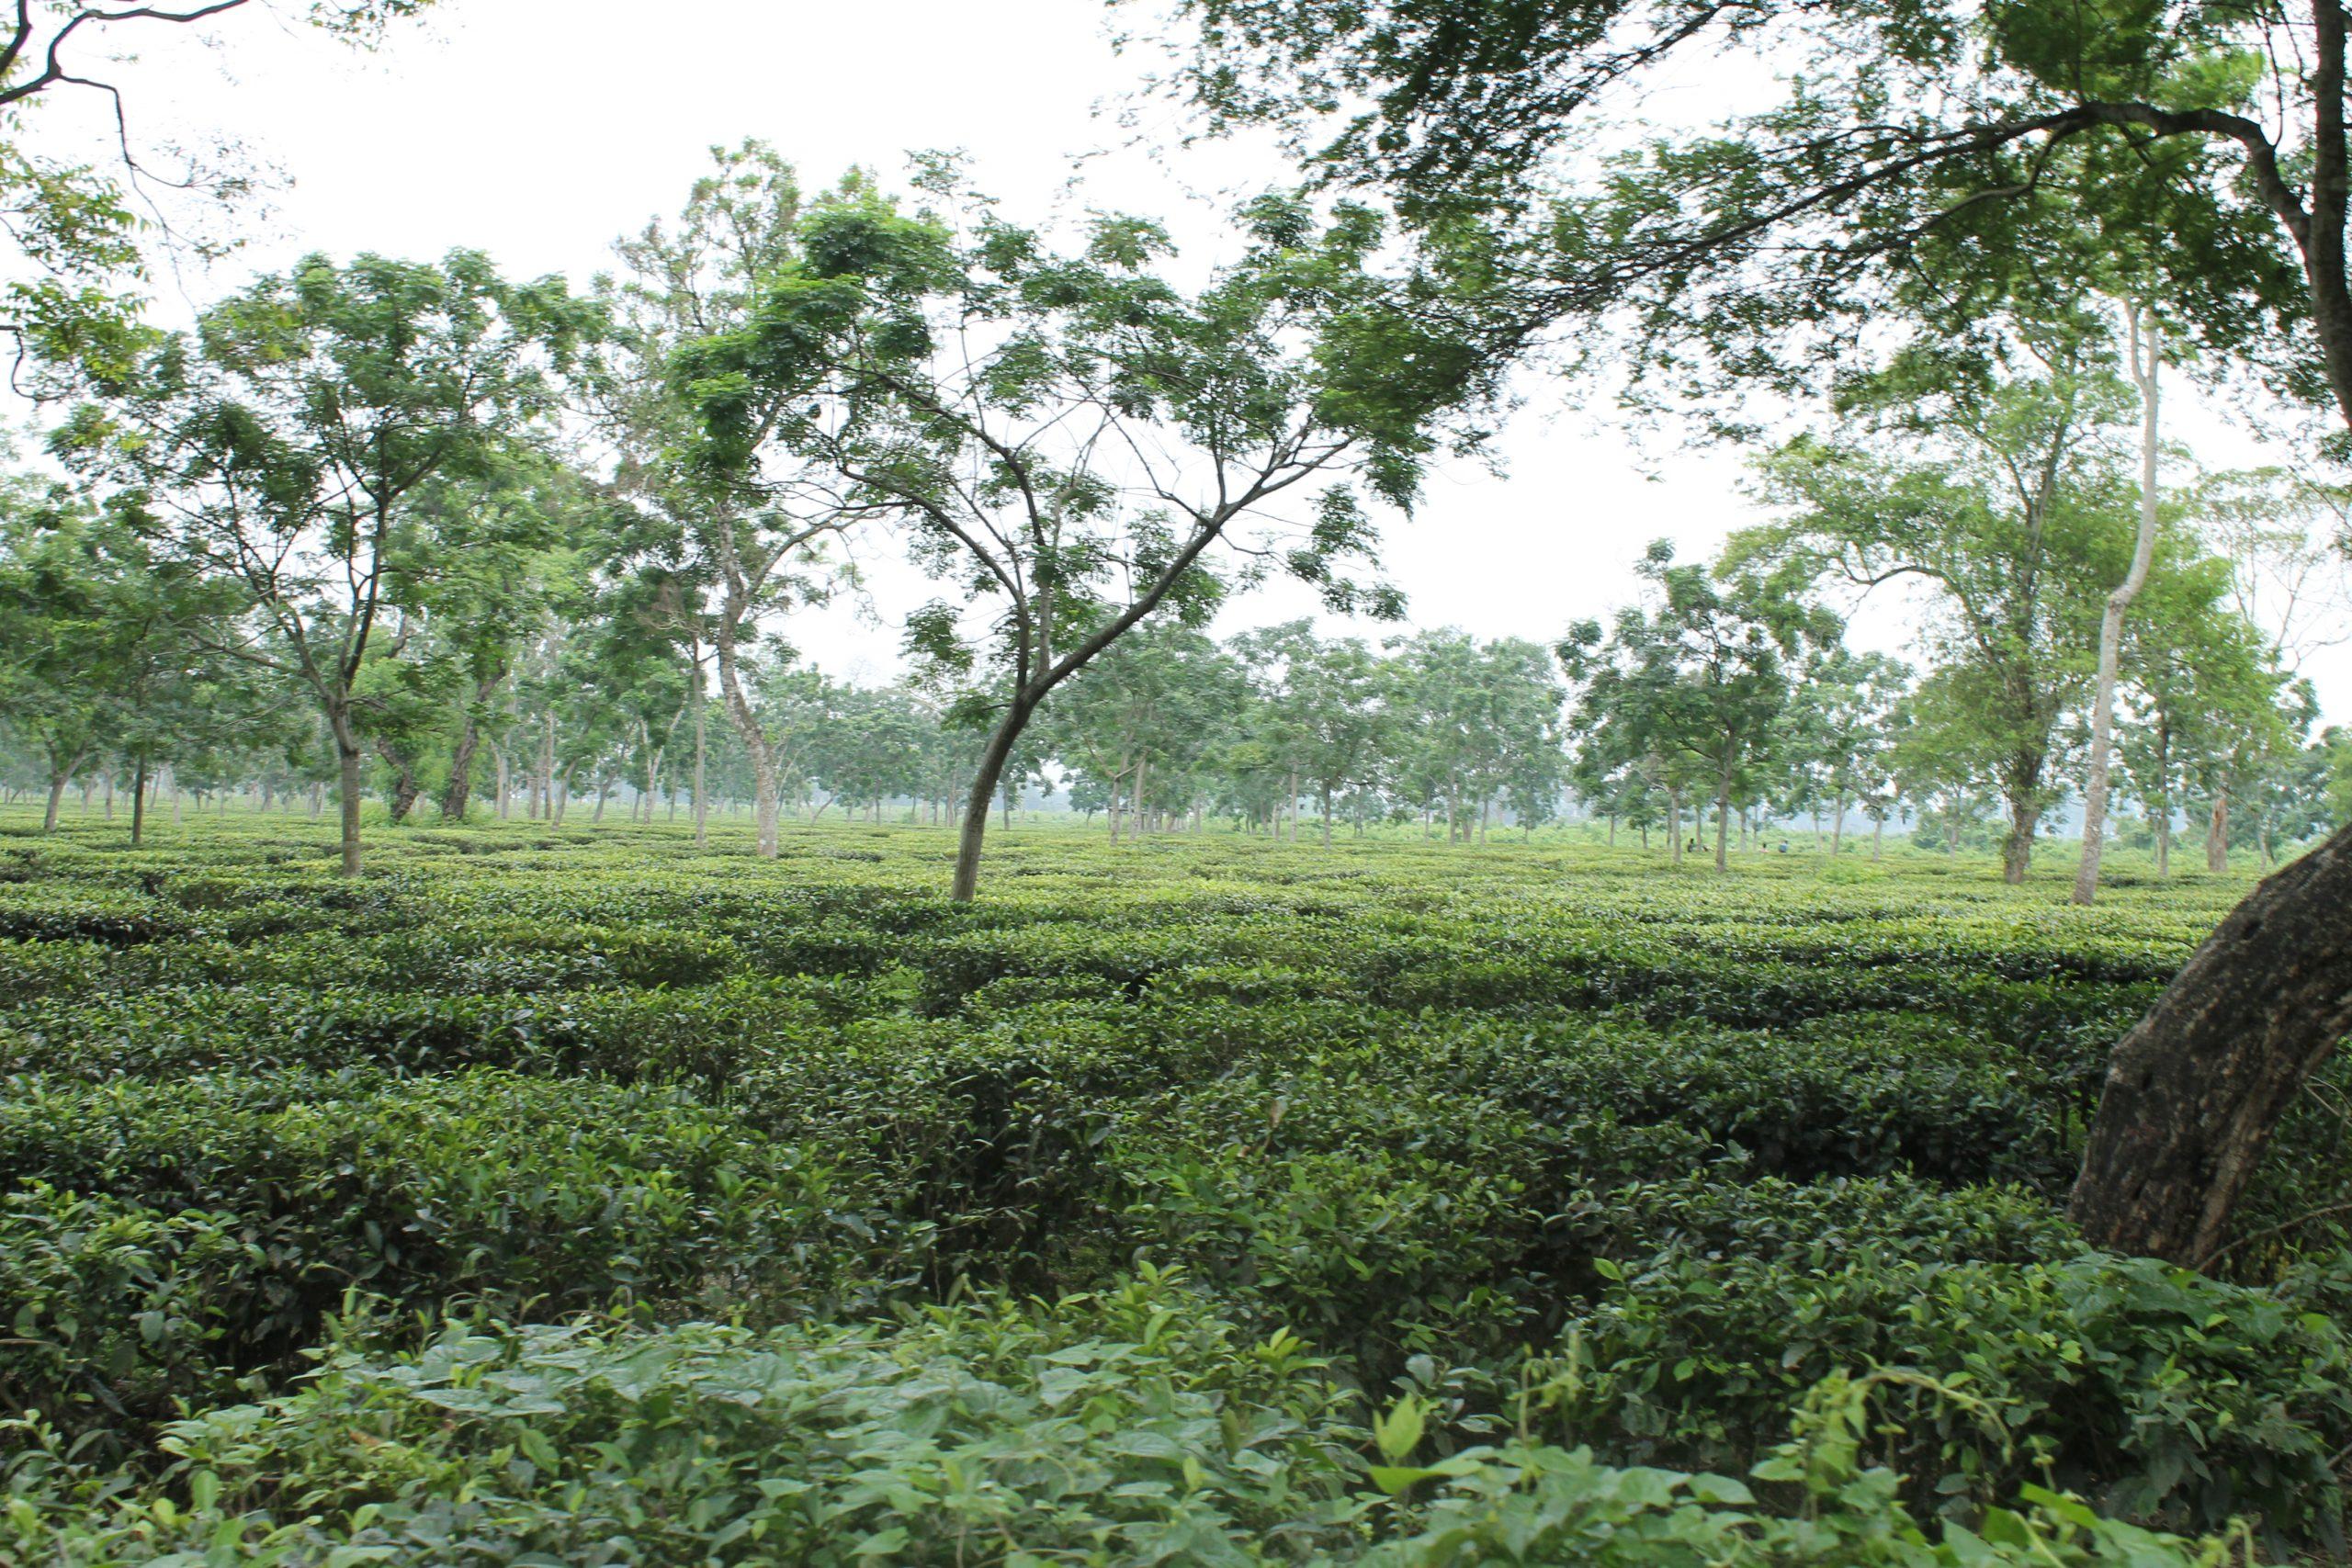 A Field Scenery